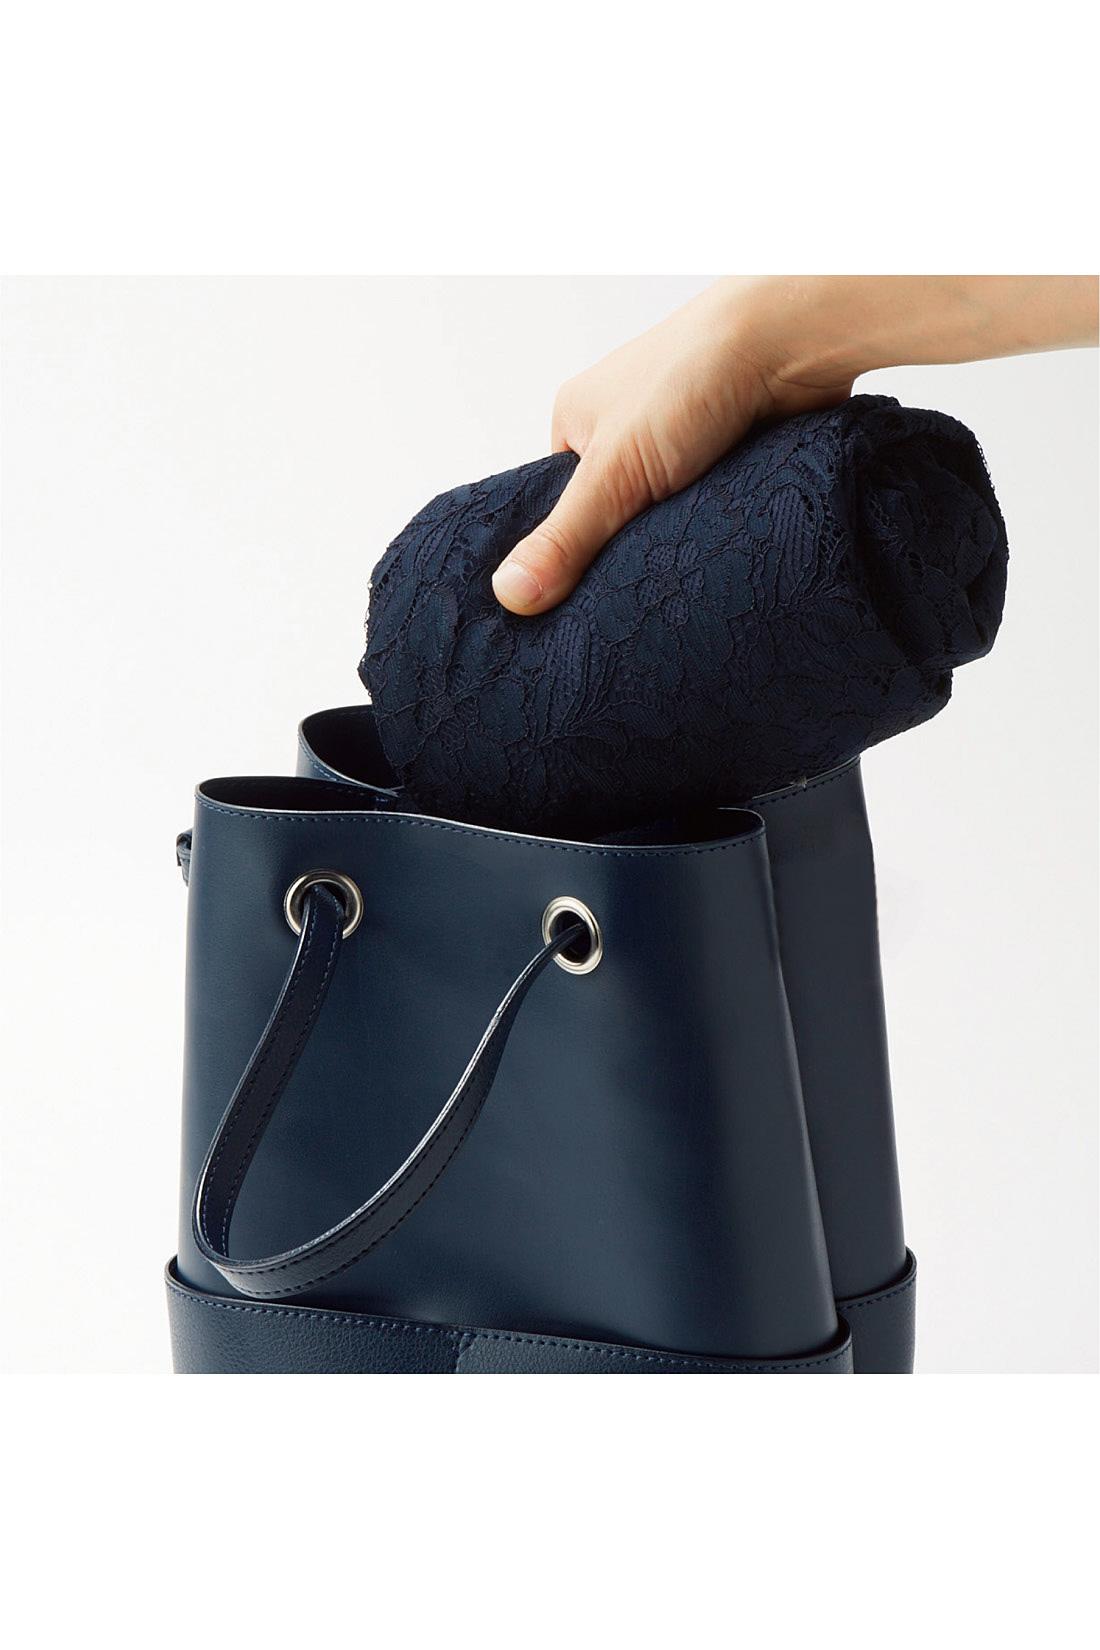 バッグにインも安心な、しわになりにくい素材 軽やかでしわになりにくい素材だから、くるっと丸めてバッグにしまえるのも便利。※お届けするカラーとは異なります。